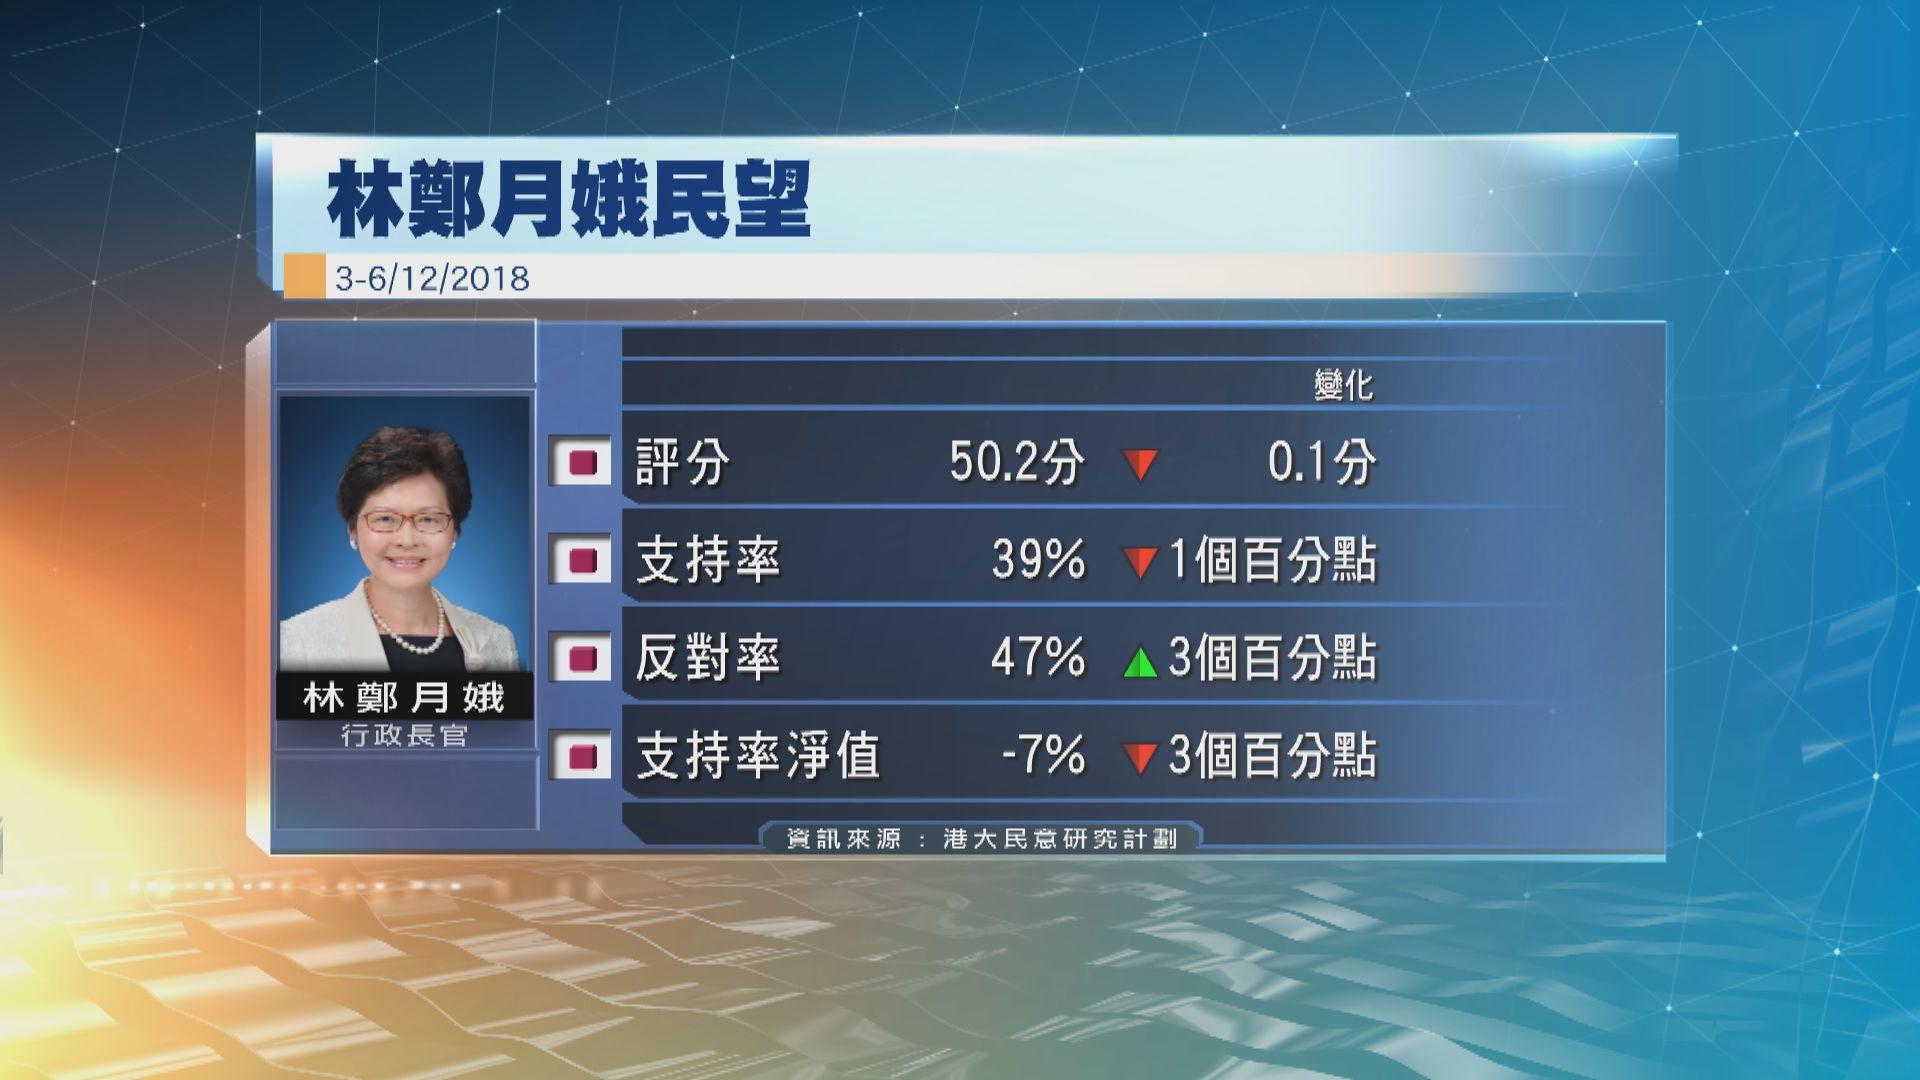 港大民研:林鄭支持率續下跌